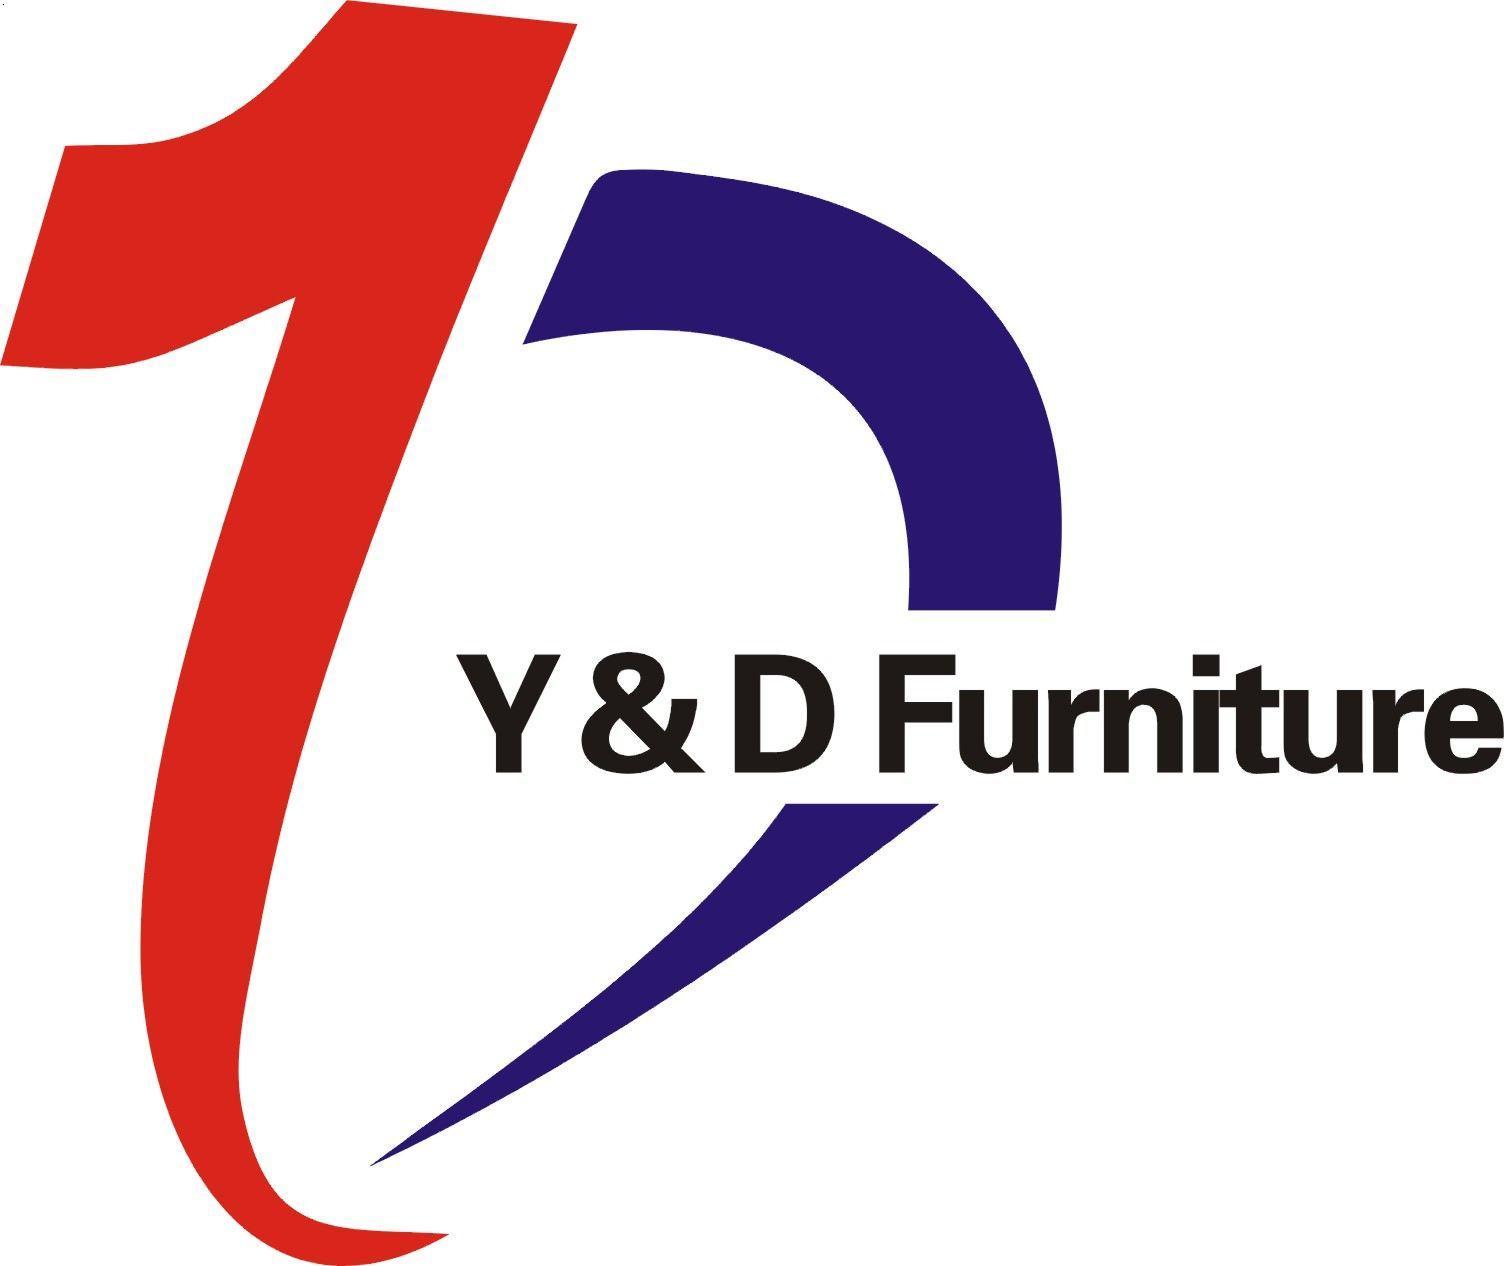 苏州爱家名邸logo-办公椅 一鼎办公家具 必途企业库